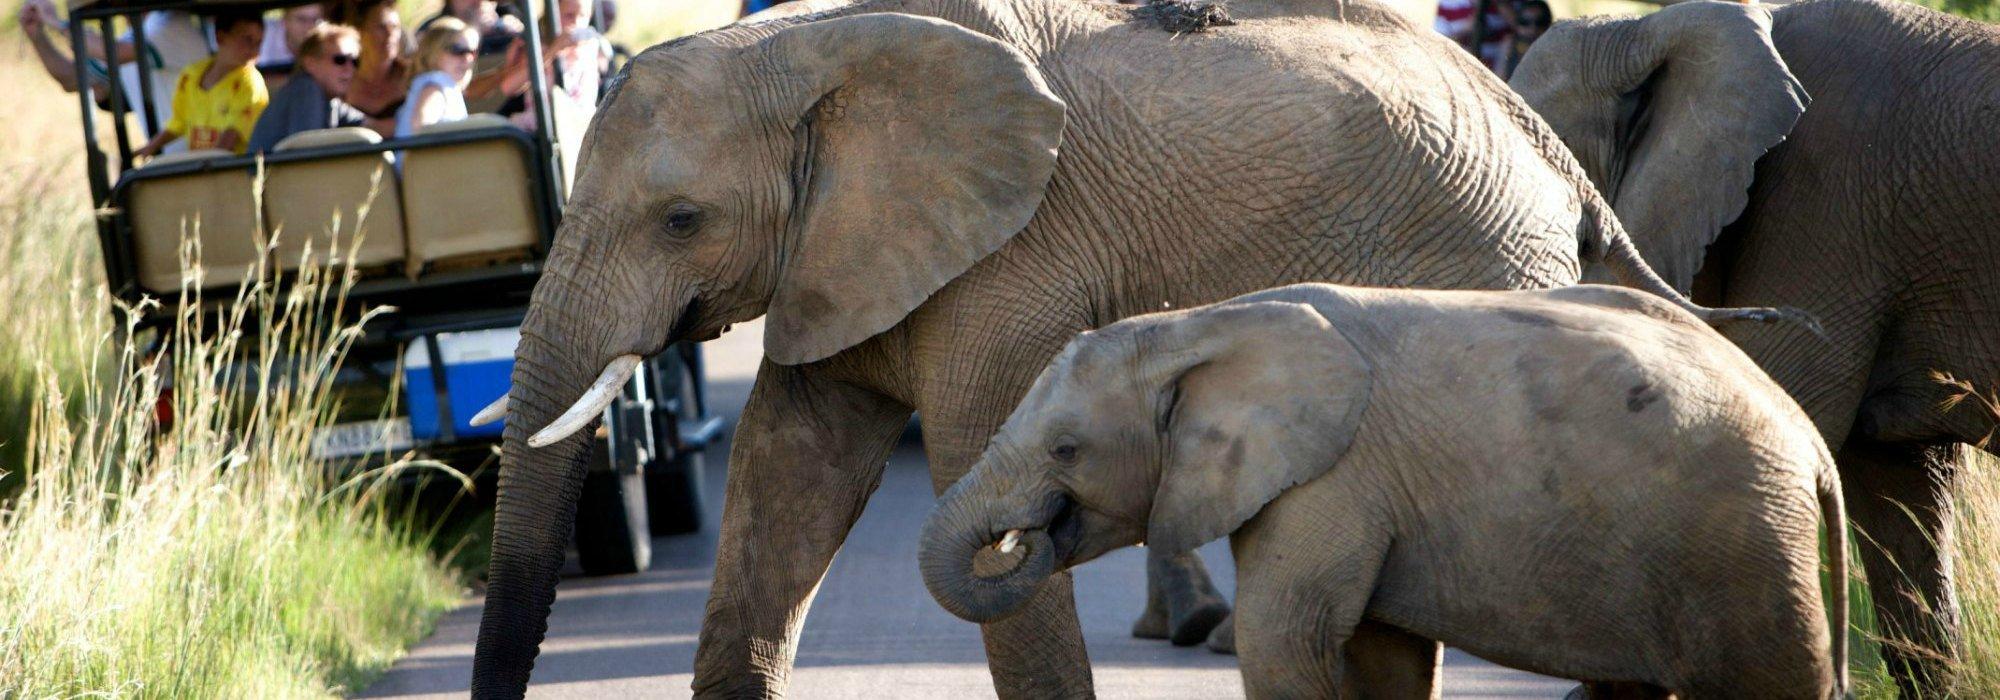 Pilanesberg Game Reserve Safari